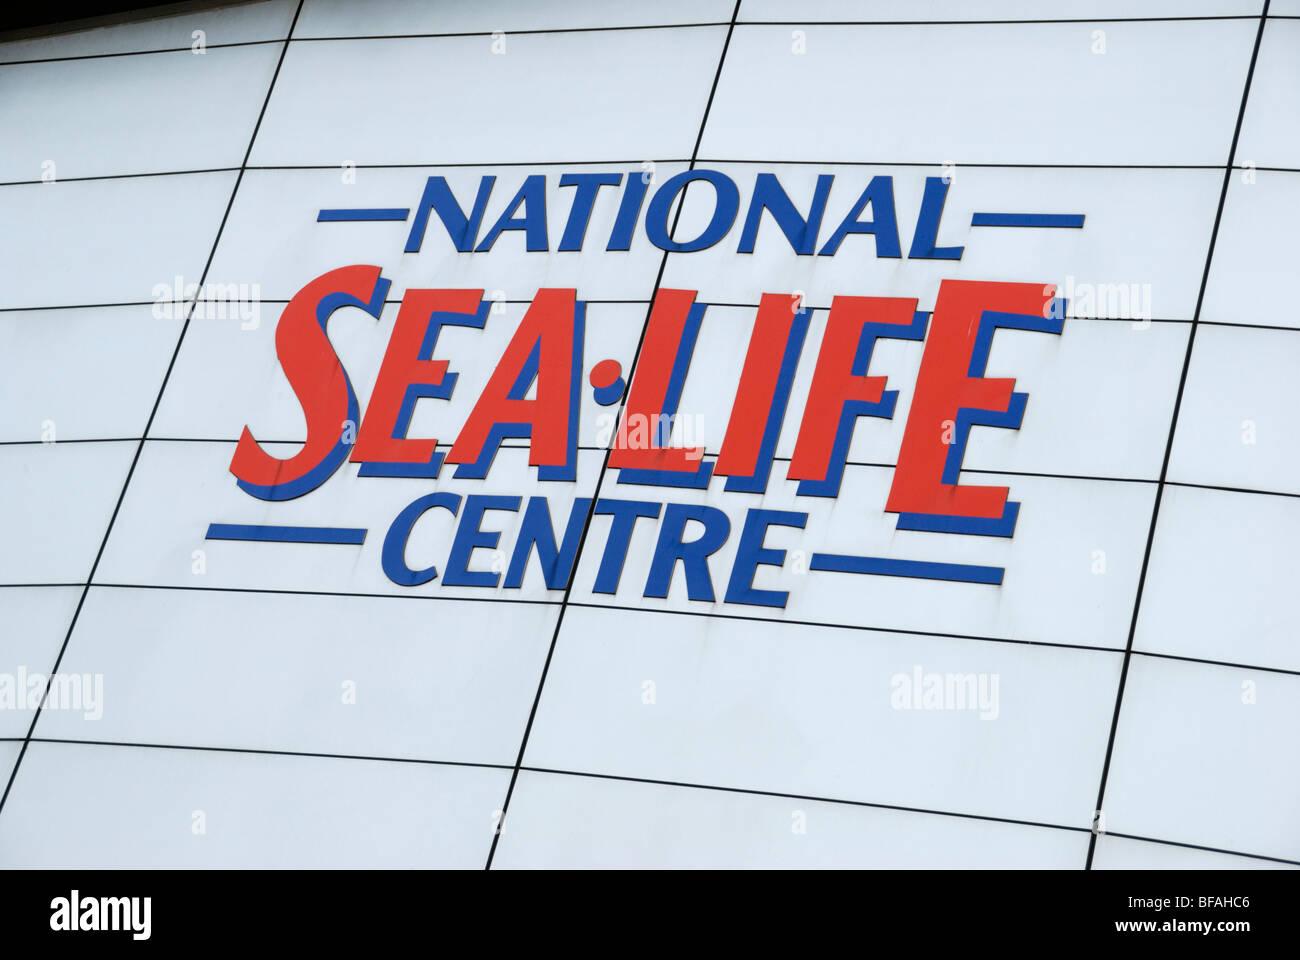 National Sea Life Centre, Birmingham, West Midlands, England, UK - Stock Image